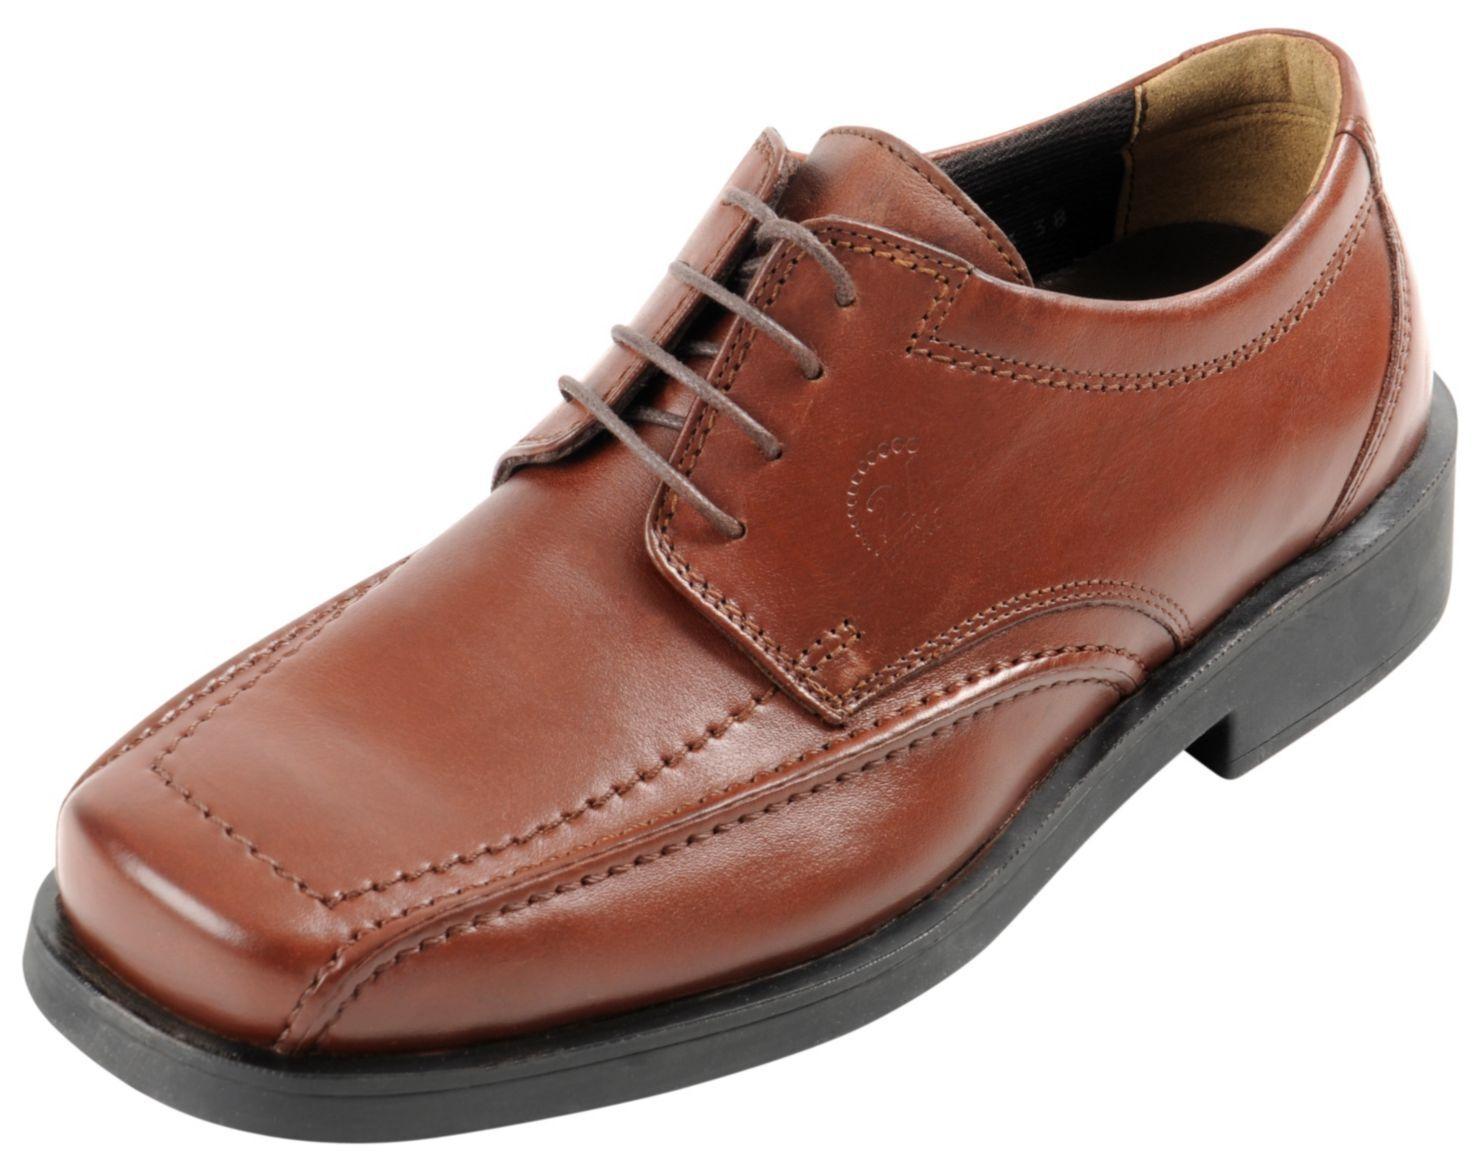 970301 Cardinale Twister Zapatos Vestir Zapato En HombreParis lcFK1J